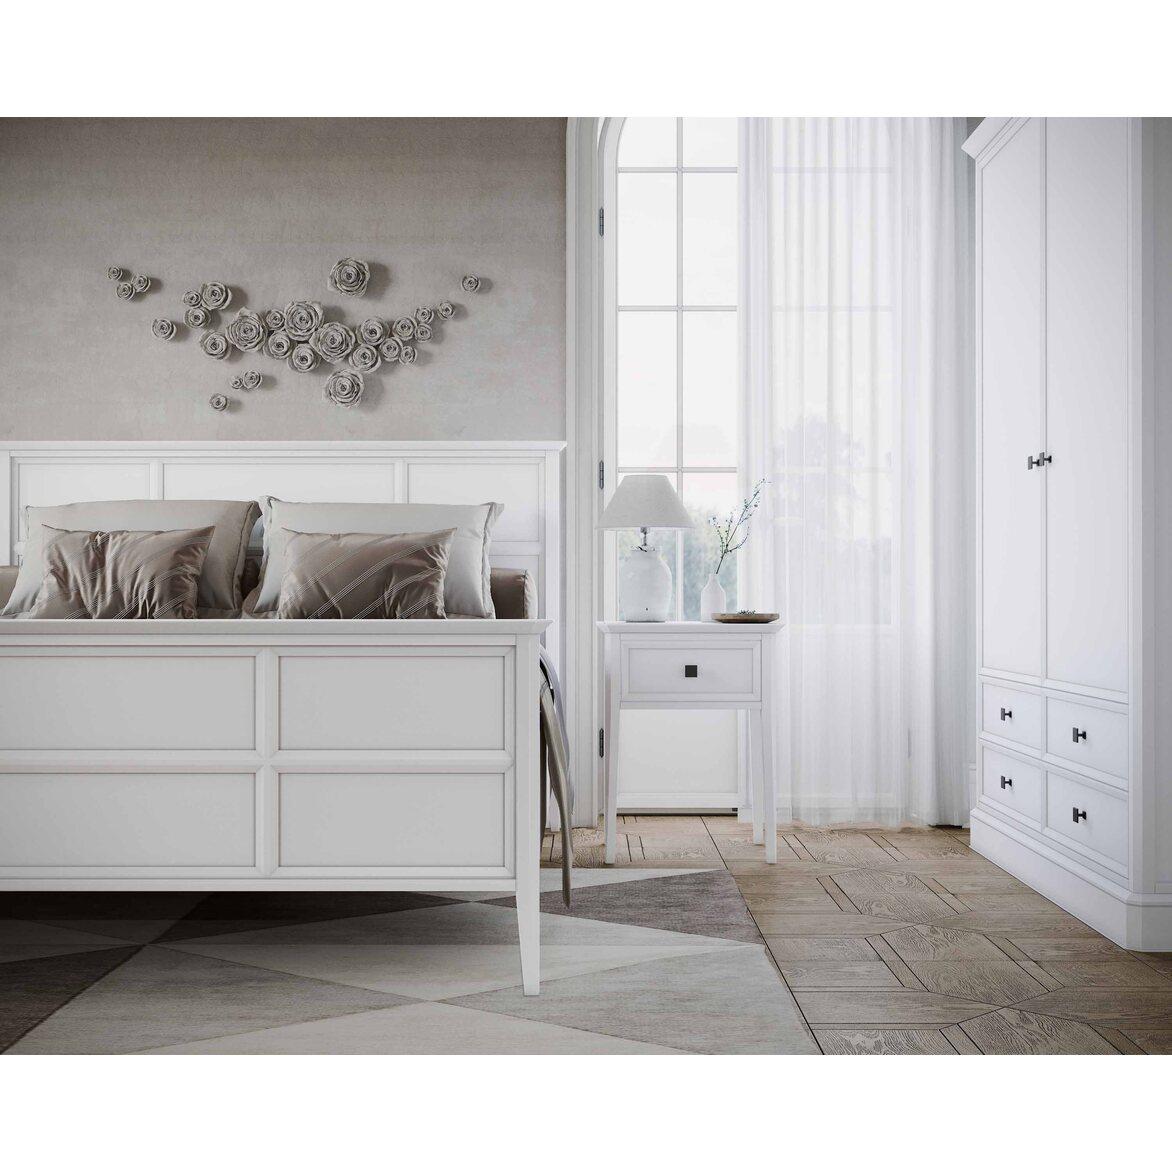 Шкаф трехстворчатый с ящиками Ellington, белый 6 | Платяные шкафы Kingsby